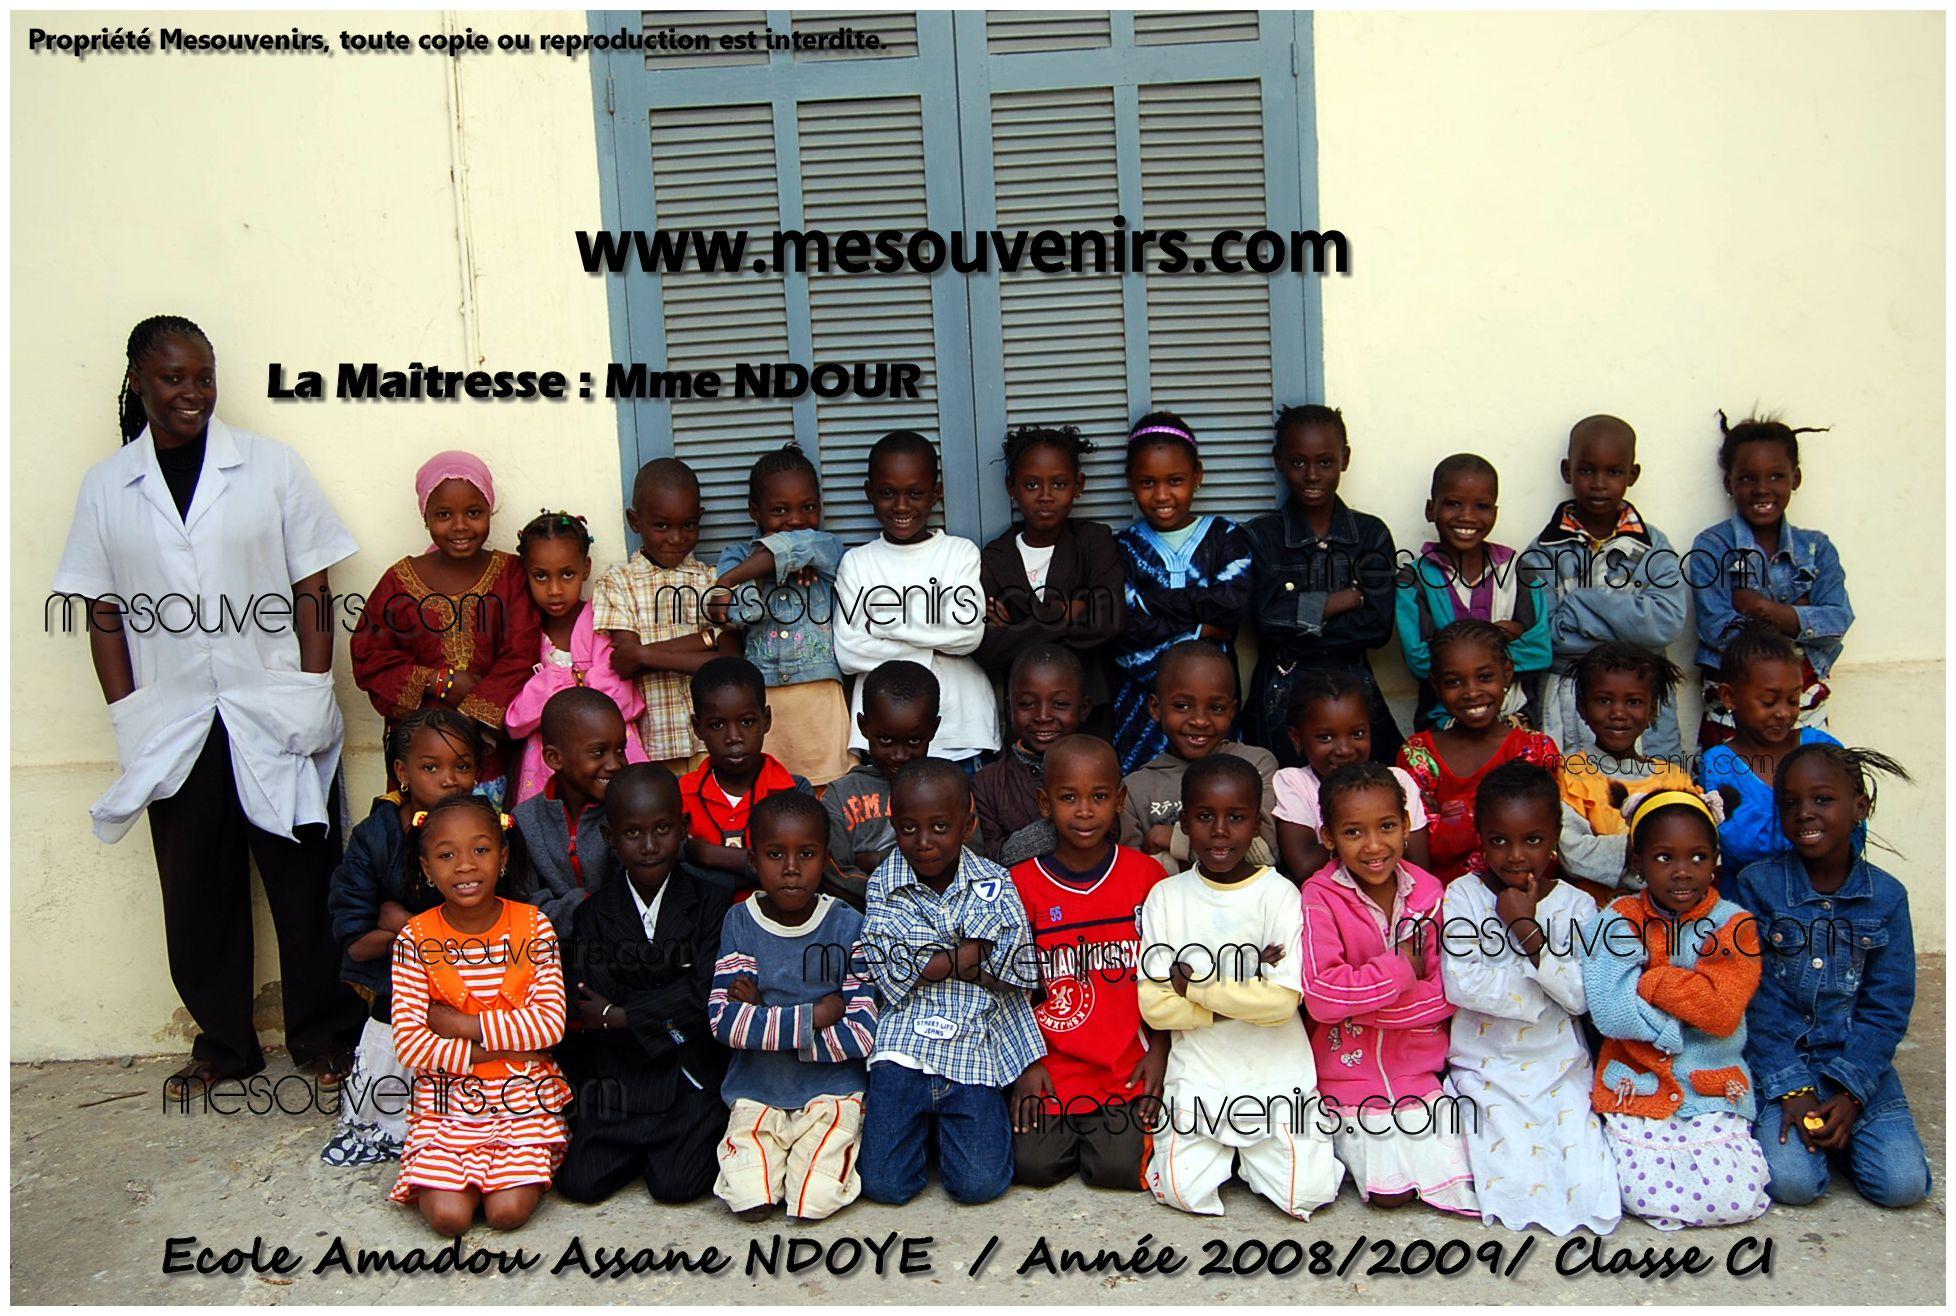 Amadou A NDOYE 2008 2009 CI